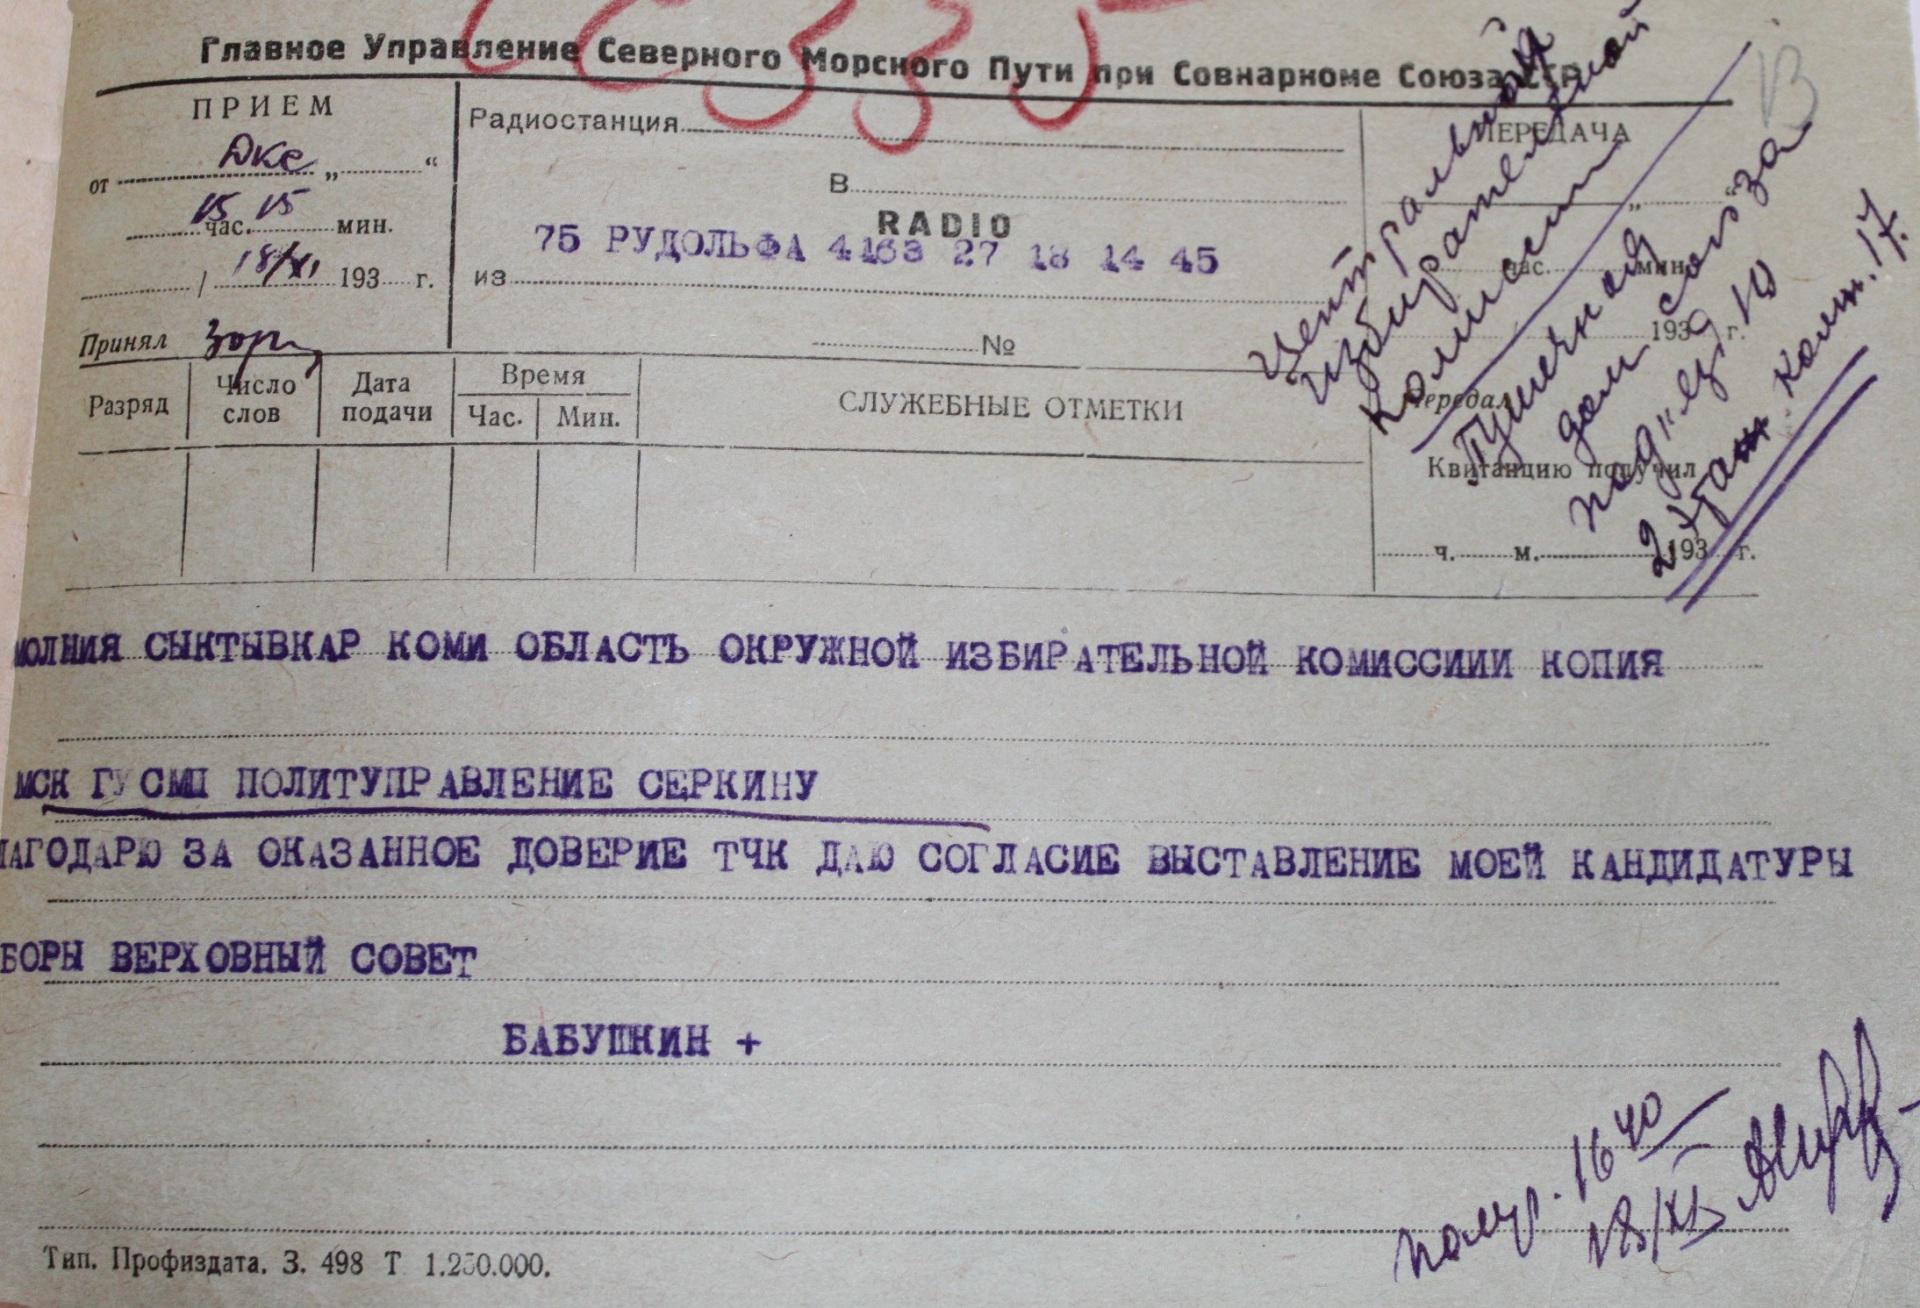 Babuschkin-M.S.-Iz-fondov-Gosudarstvennogo-arhiva-RF.JPG